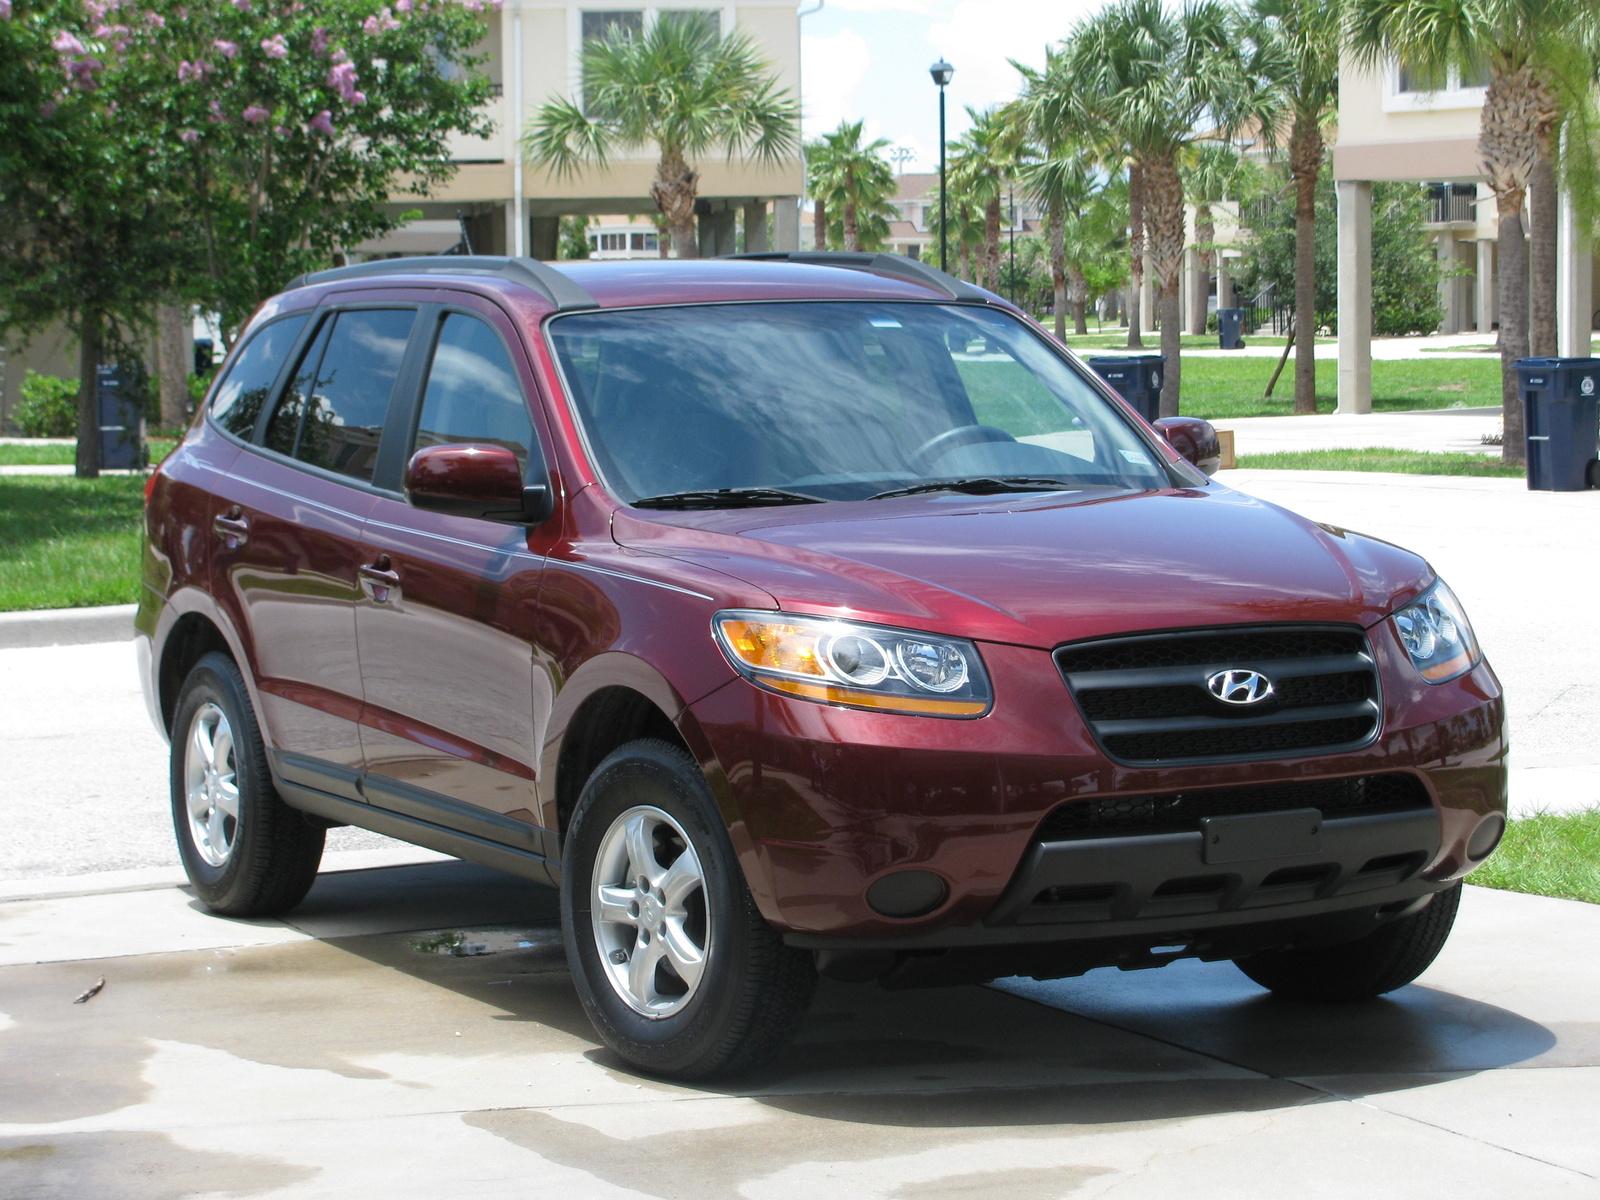 2008 Hyundai Santa Fe Pictures Cargurus